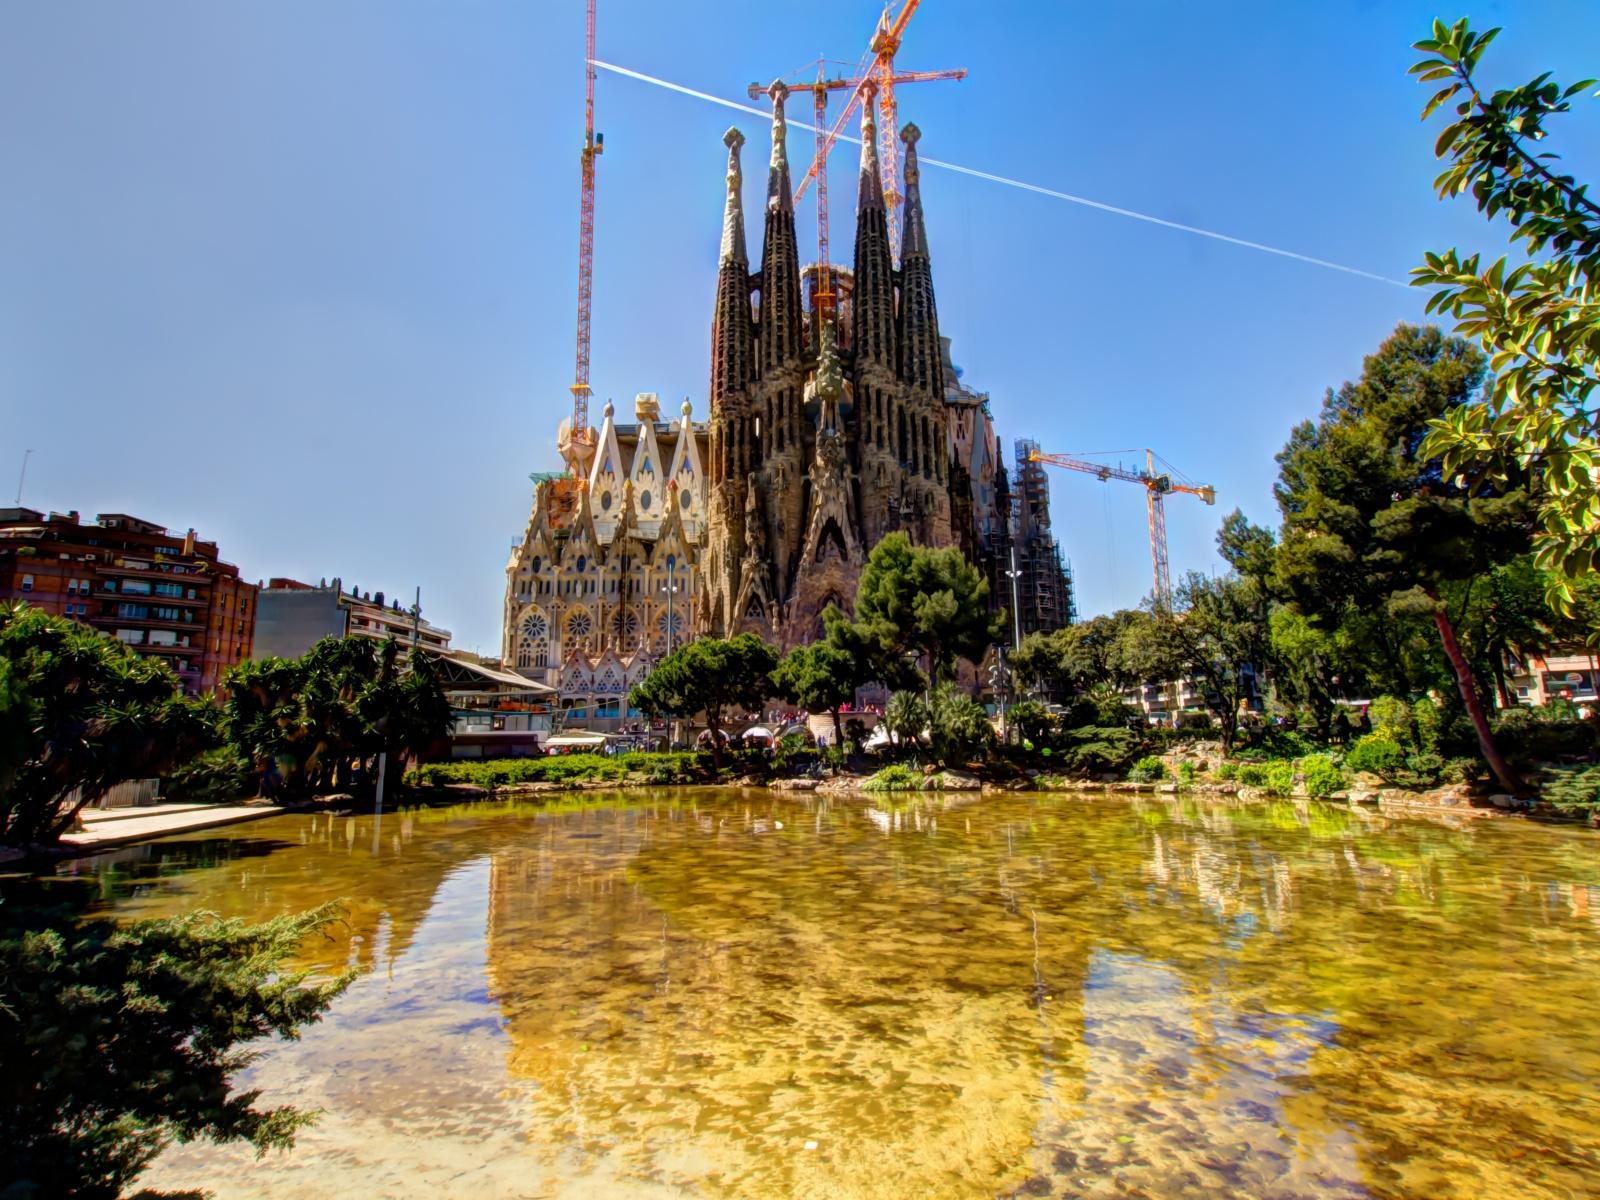 барселона город в испании достопримечательности фото с описанием